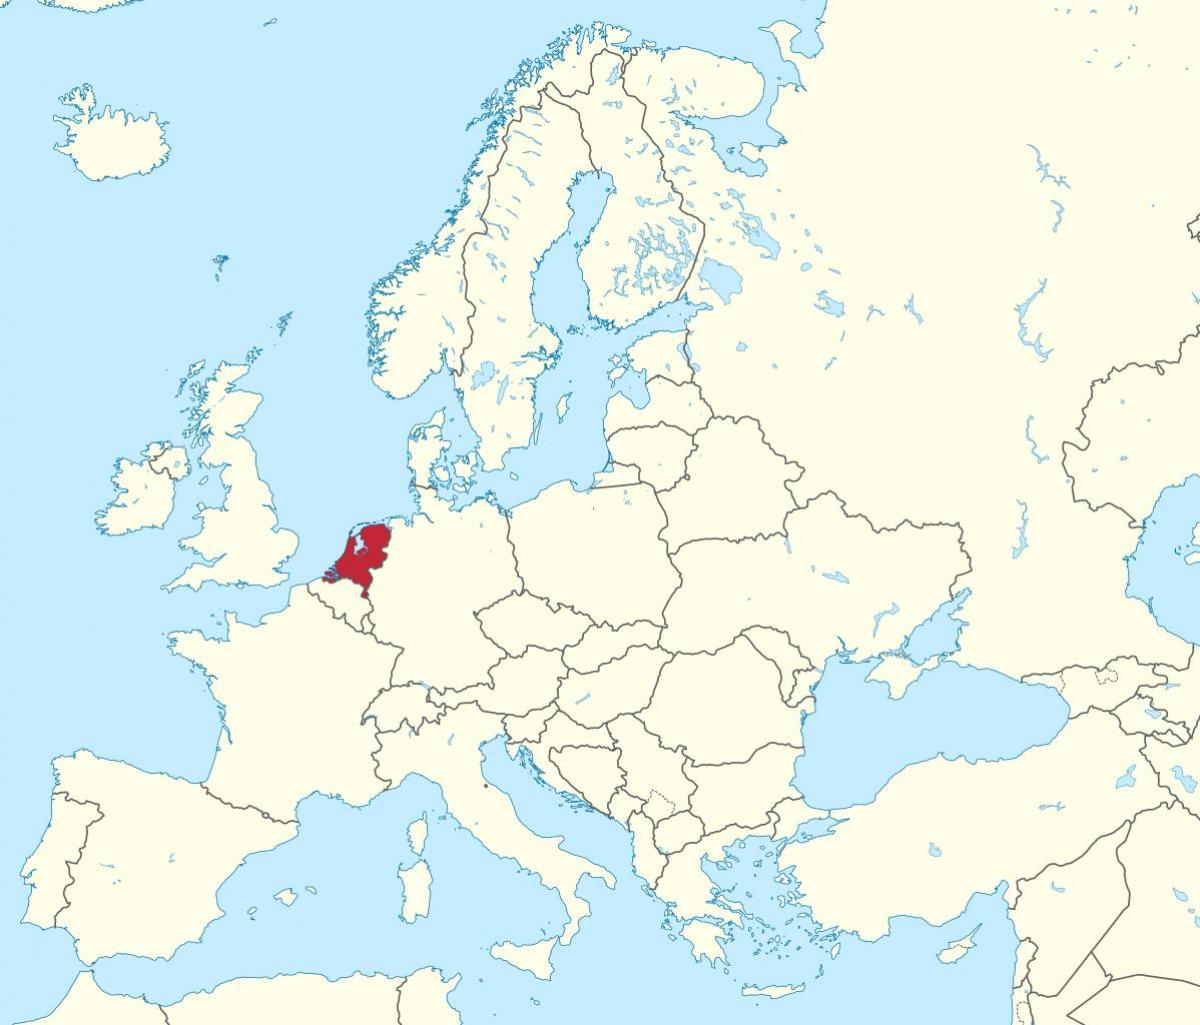 kart om europa Europa kart nederland   Nederland kart europa (Vest Europa   Europa) kart om europa